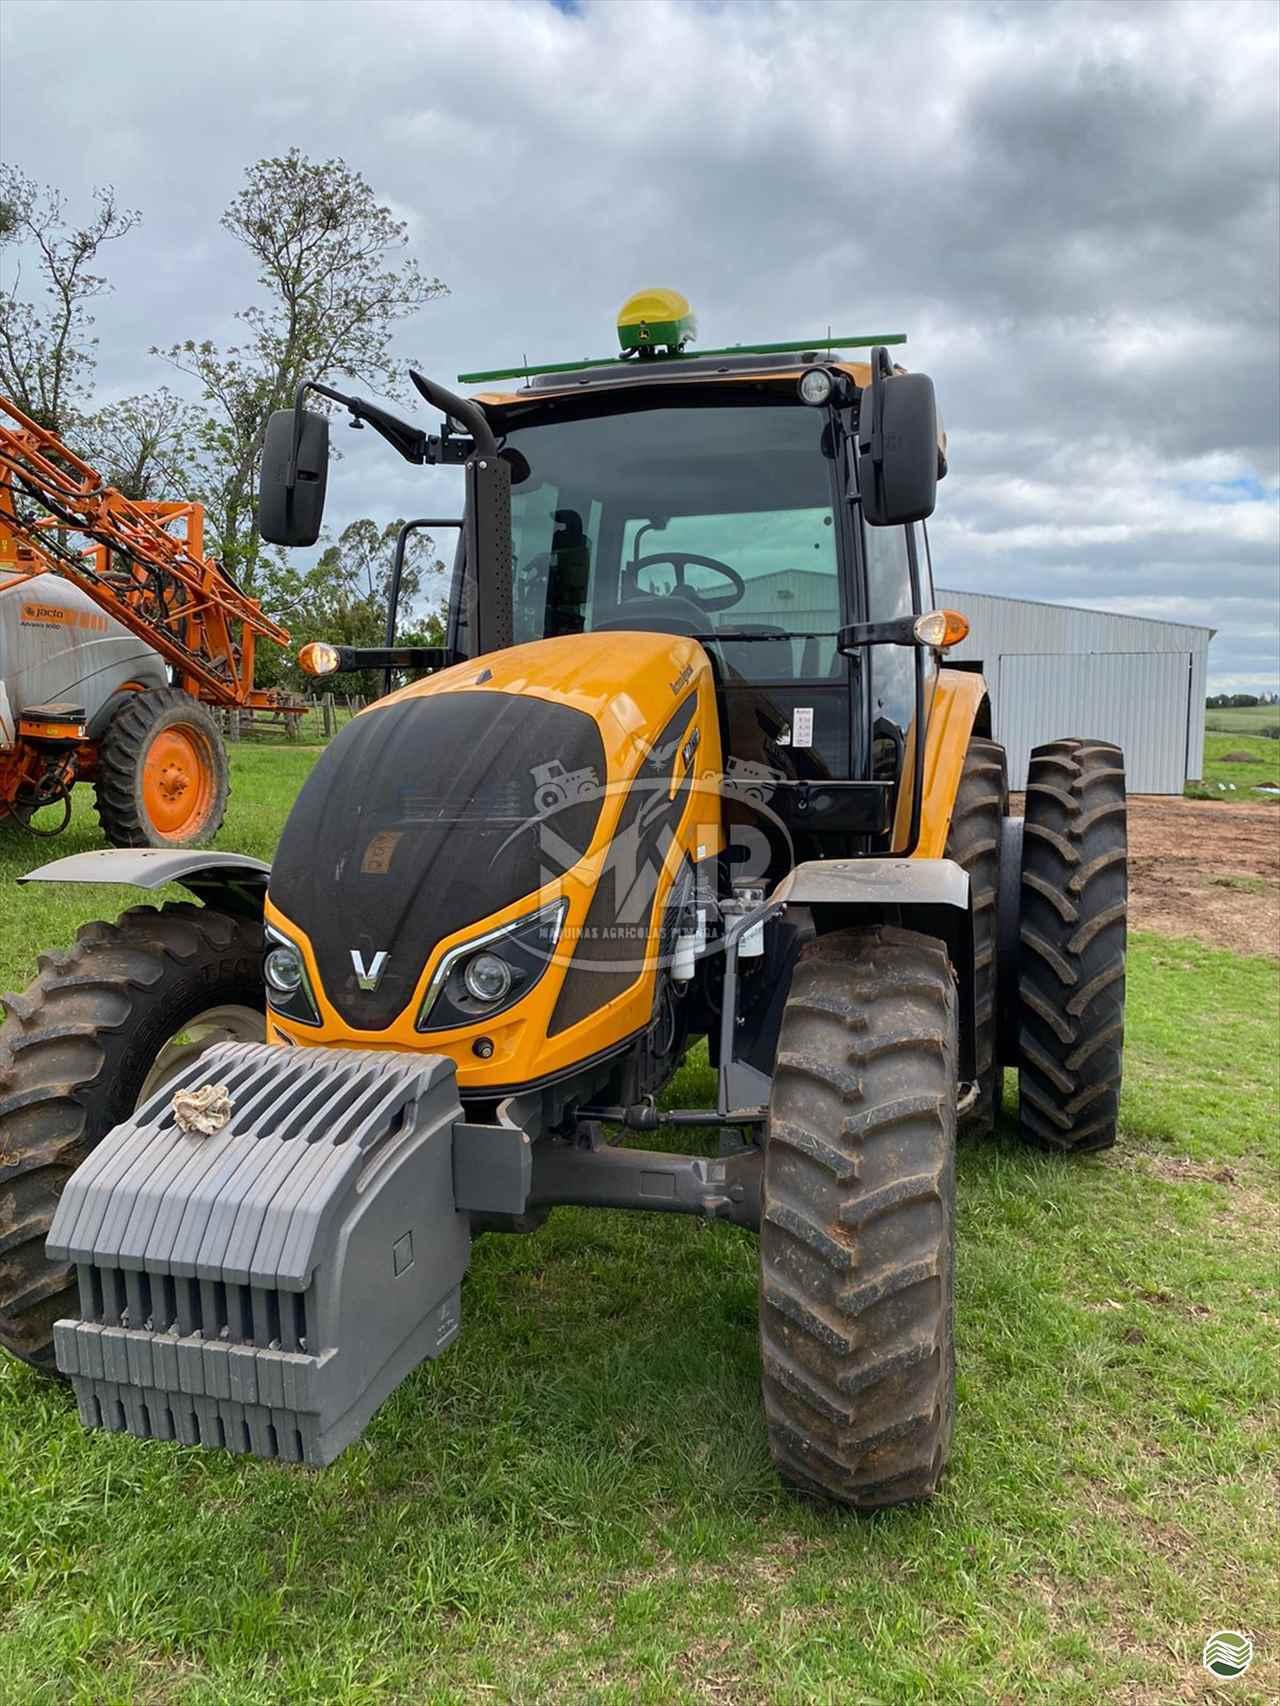 TRATOR VALTRA VALTRA A114 Tração 4x4 Máquinas Agrícolas Pitanga PITANGA PARANÁ PR